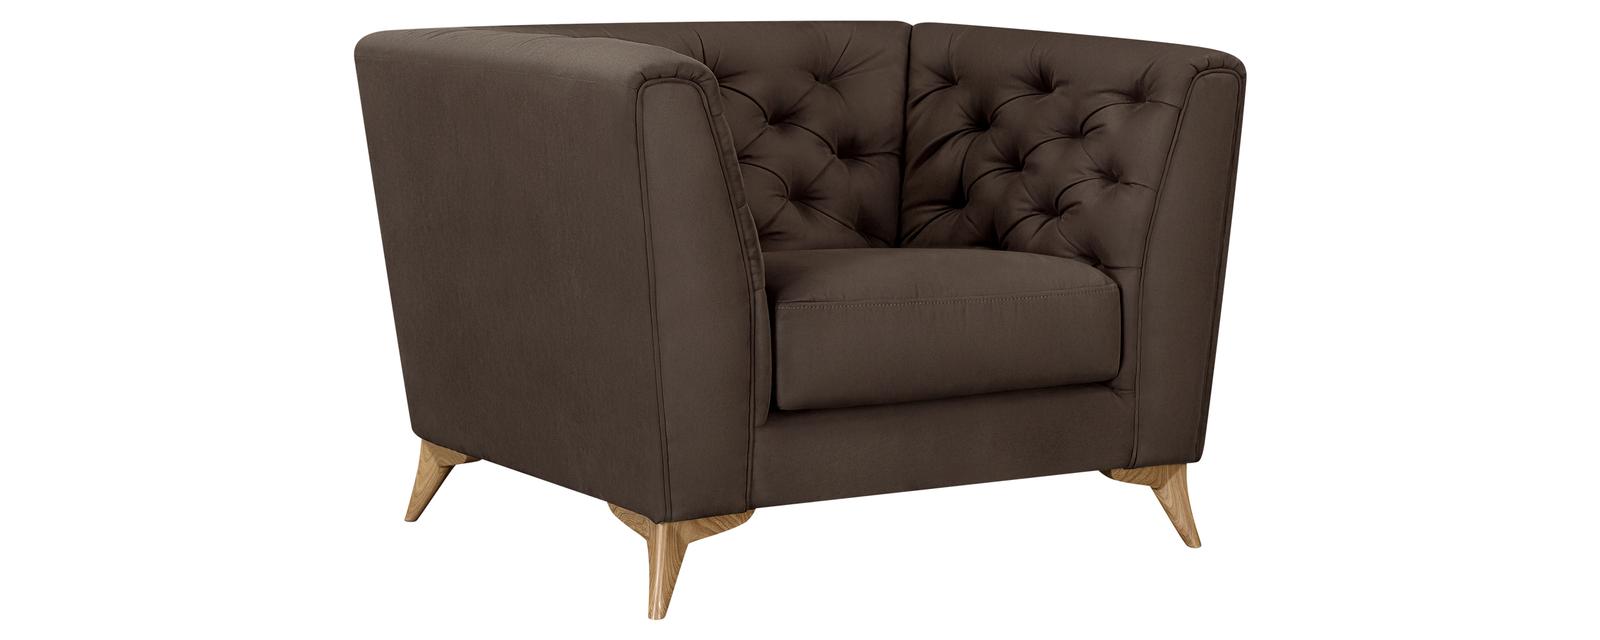 Кресло тканевое Честер Fulton тёмно-коричневый (Искусственная замша)